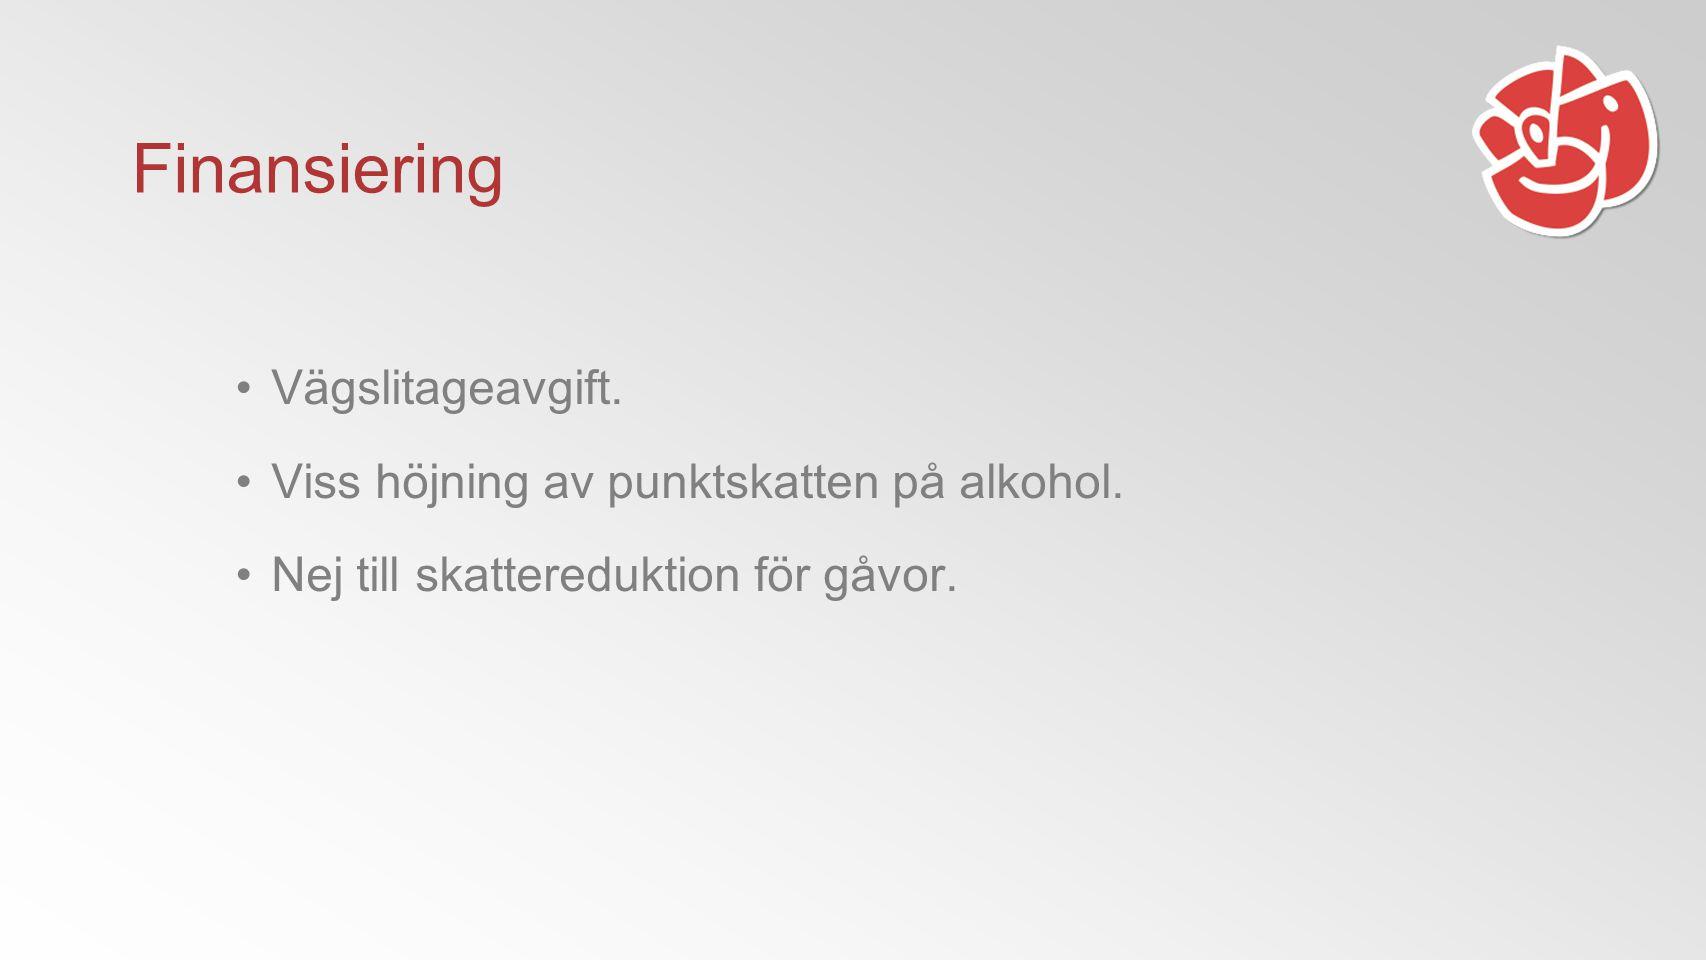 Finansiering Vägslitageavgift. Viss höjning av punktskatten på alkohol.